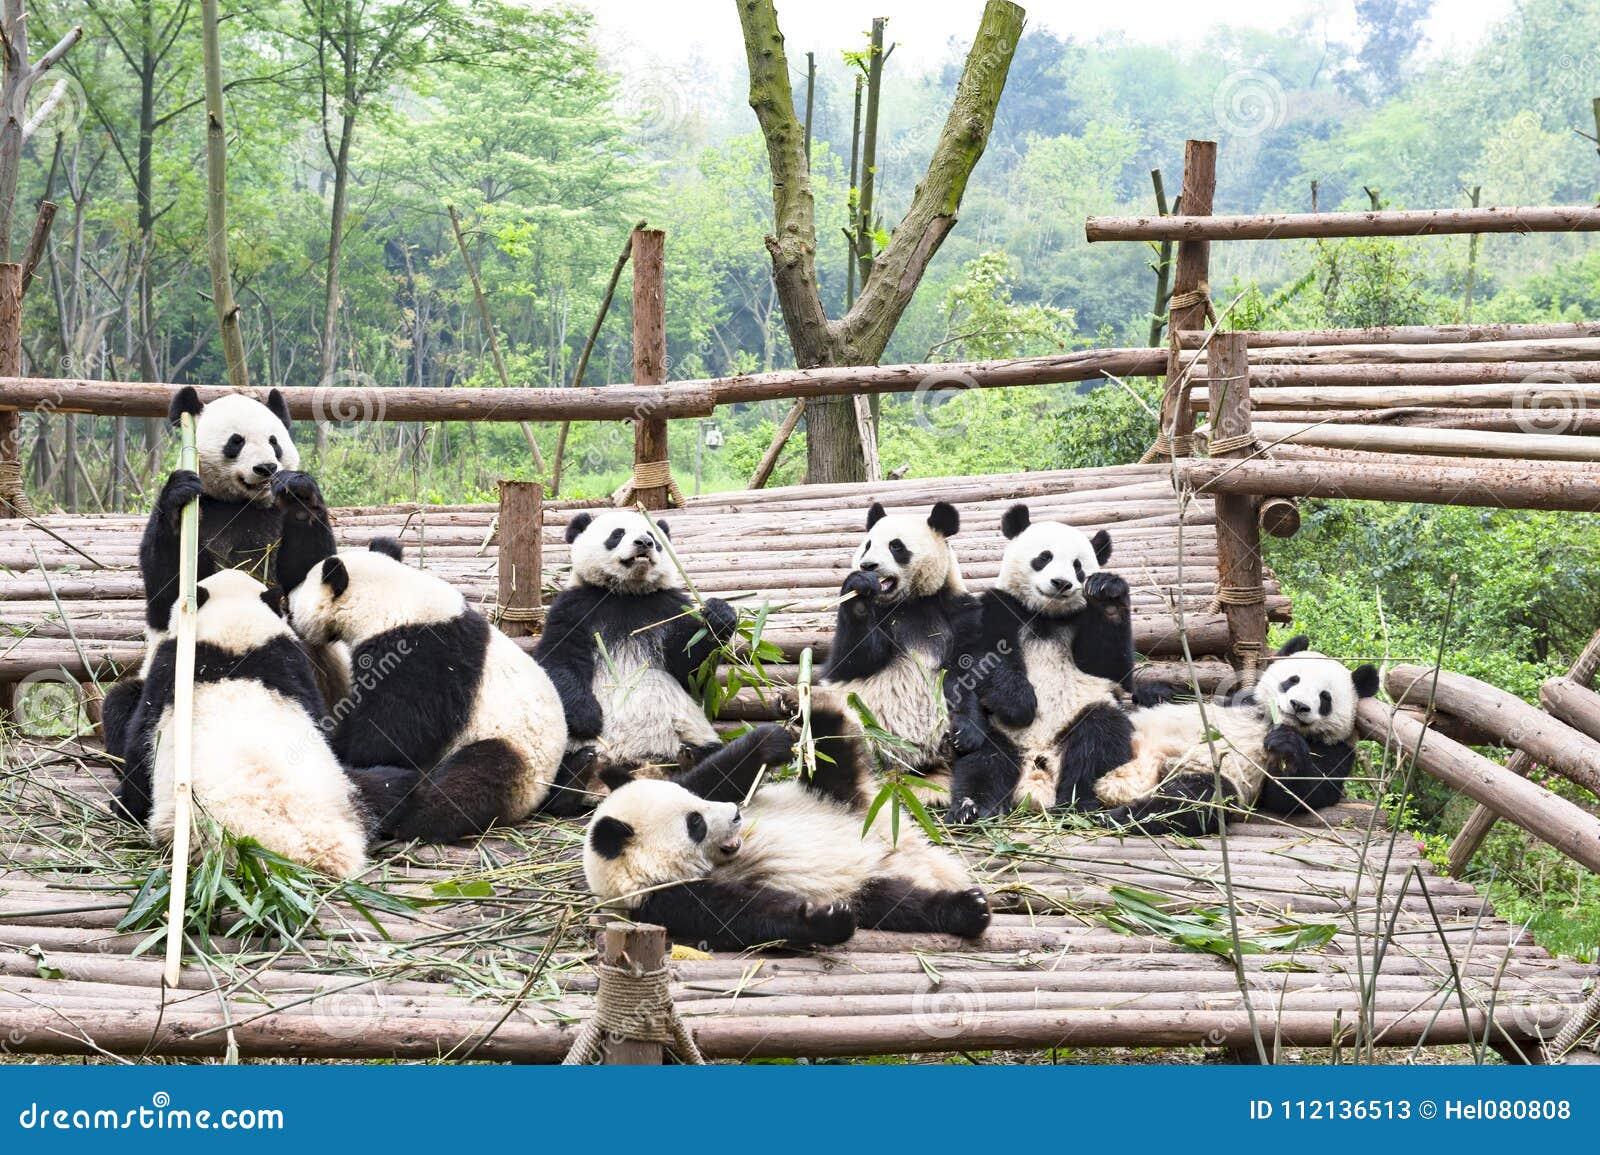 Jugar a Panda Bears, Panda Breeding Center, Chengdu, China